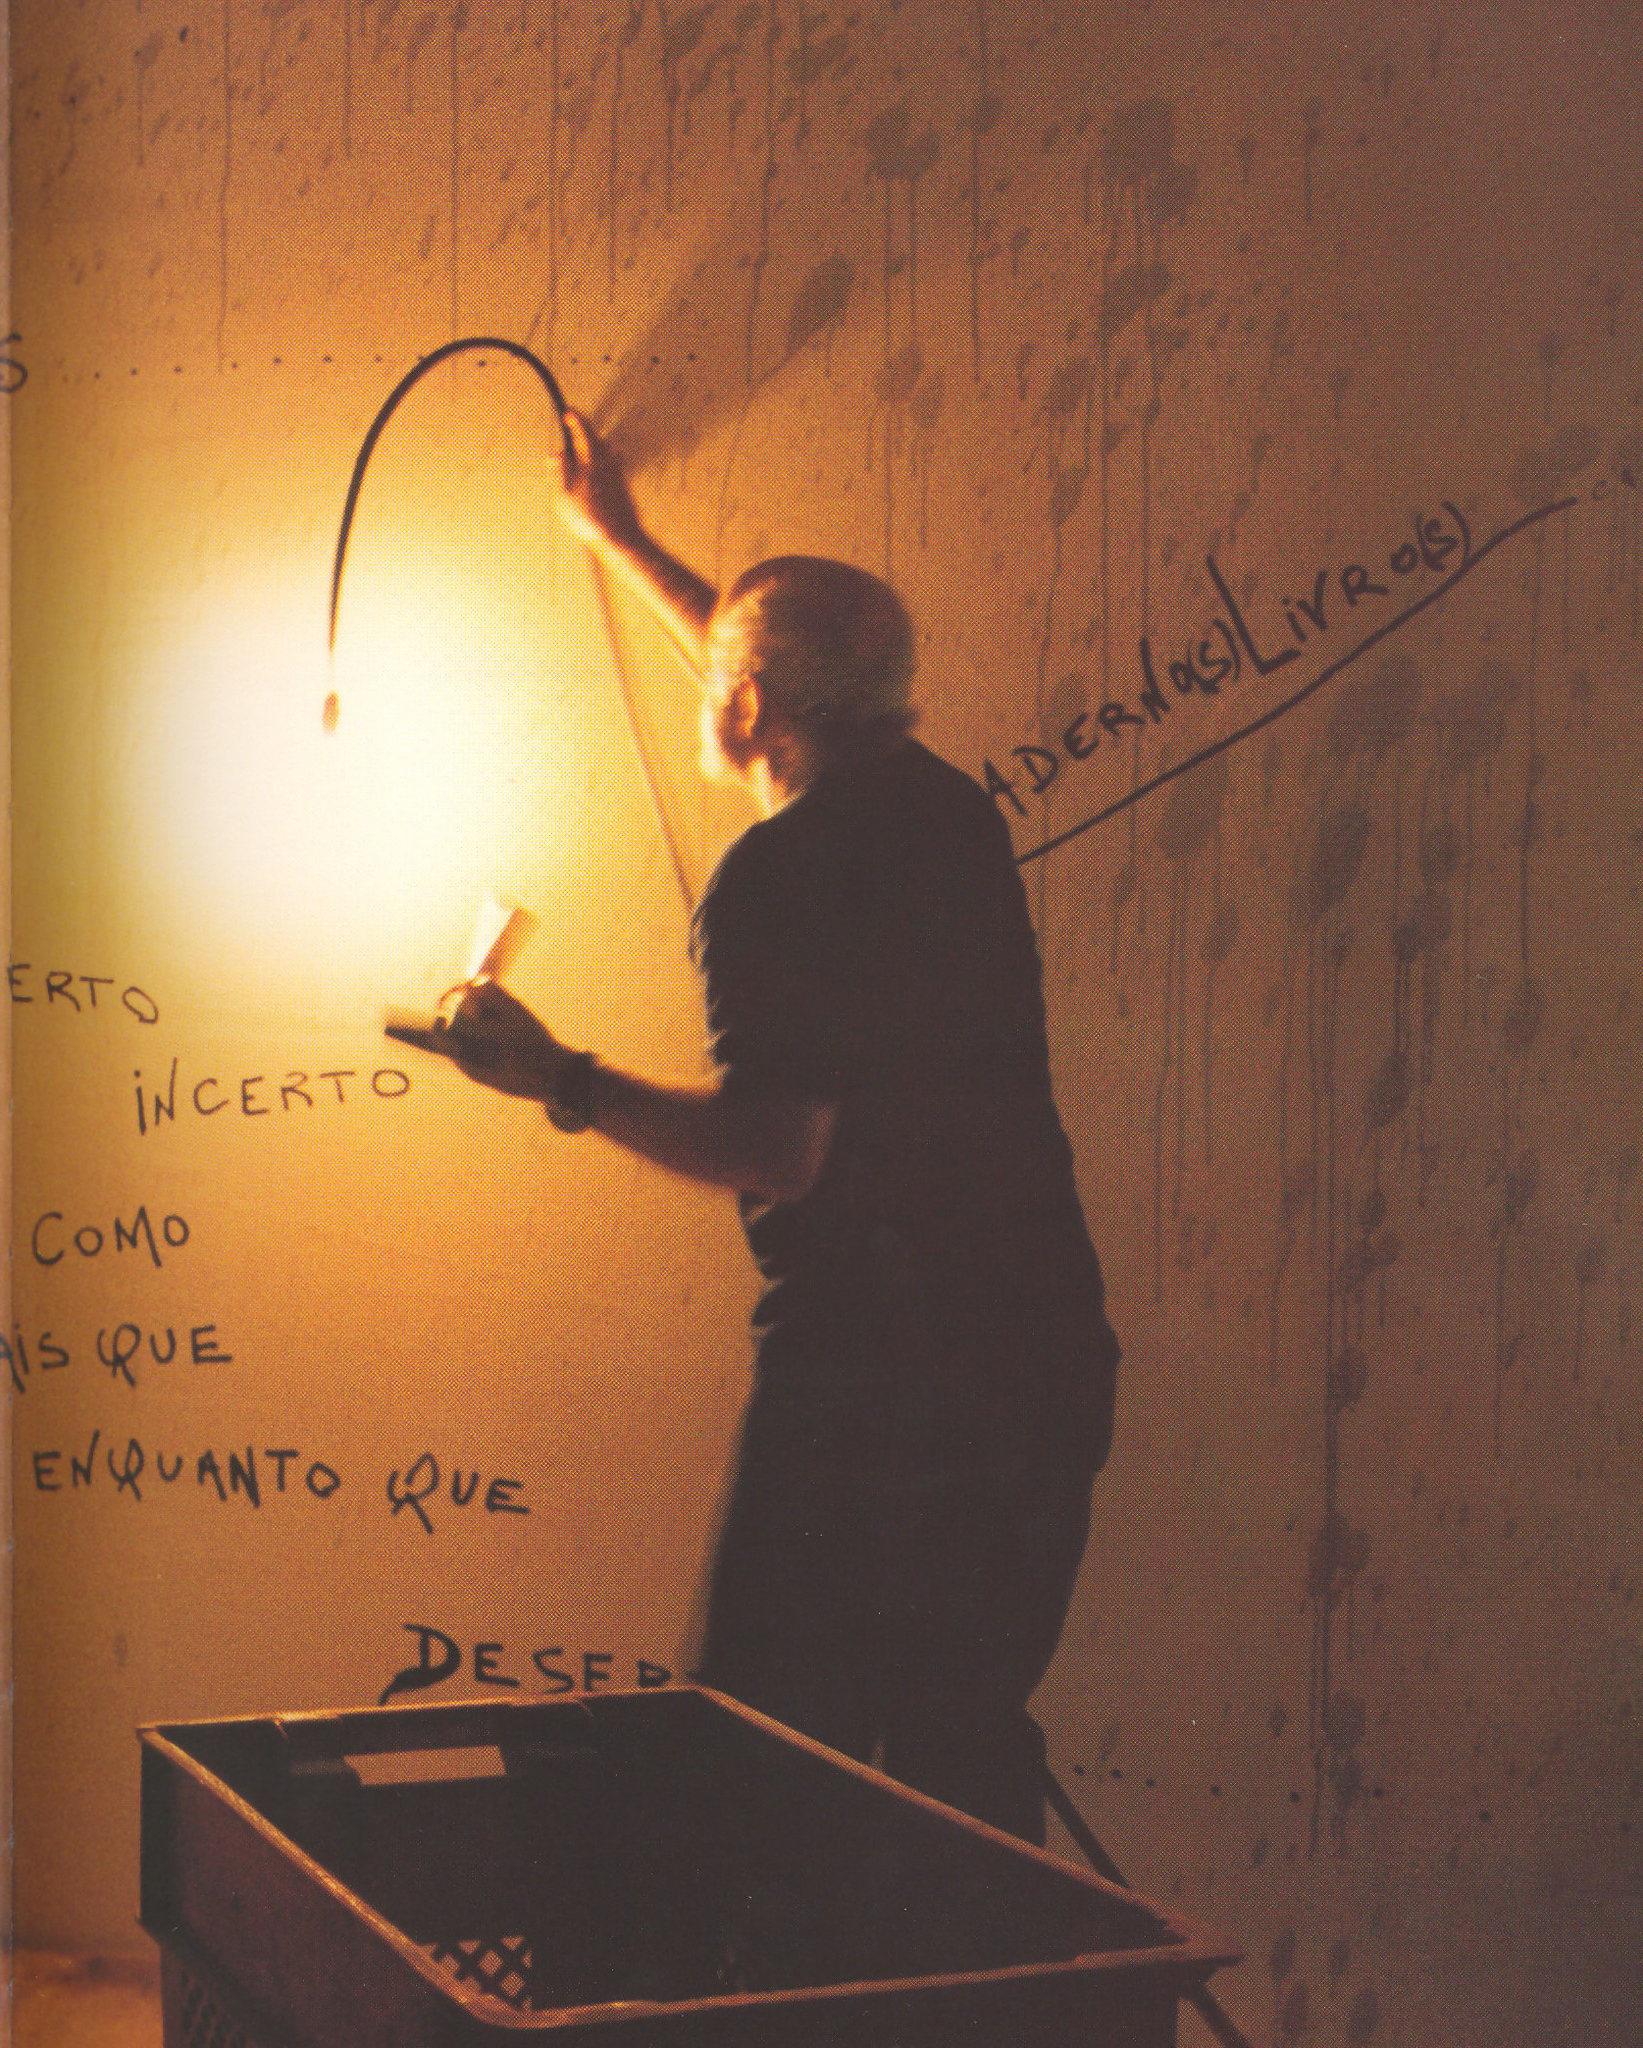 IdéiaSituação: InterRelacionamento SubjetivoObjetivo………….(2002) by Artur Barrio